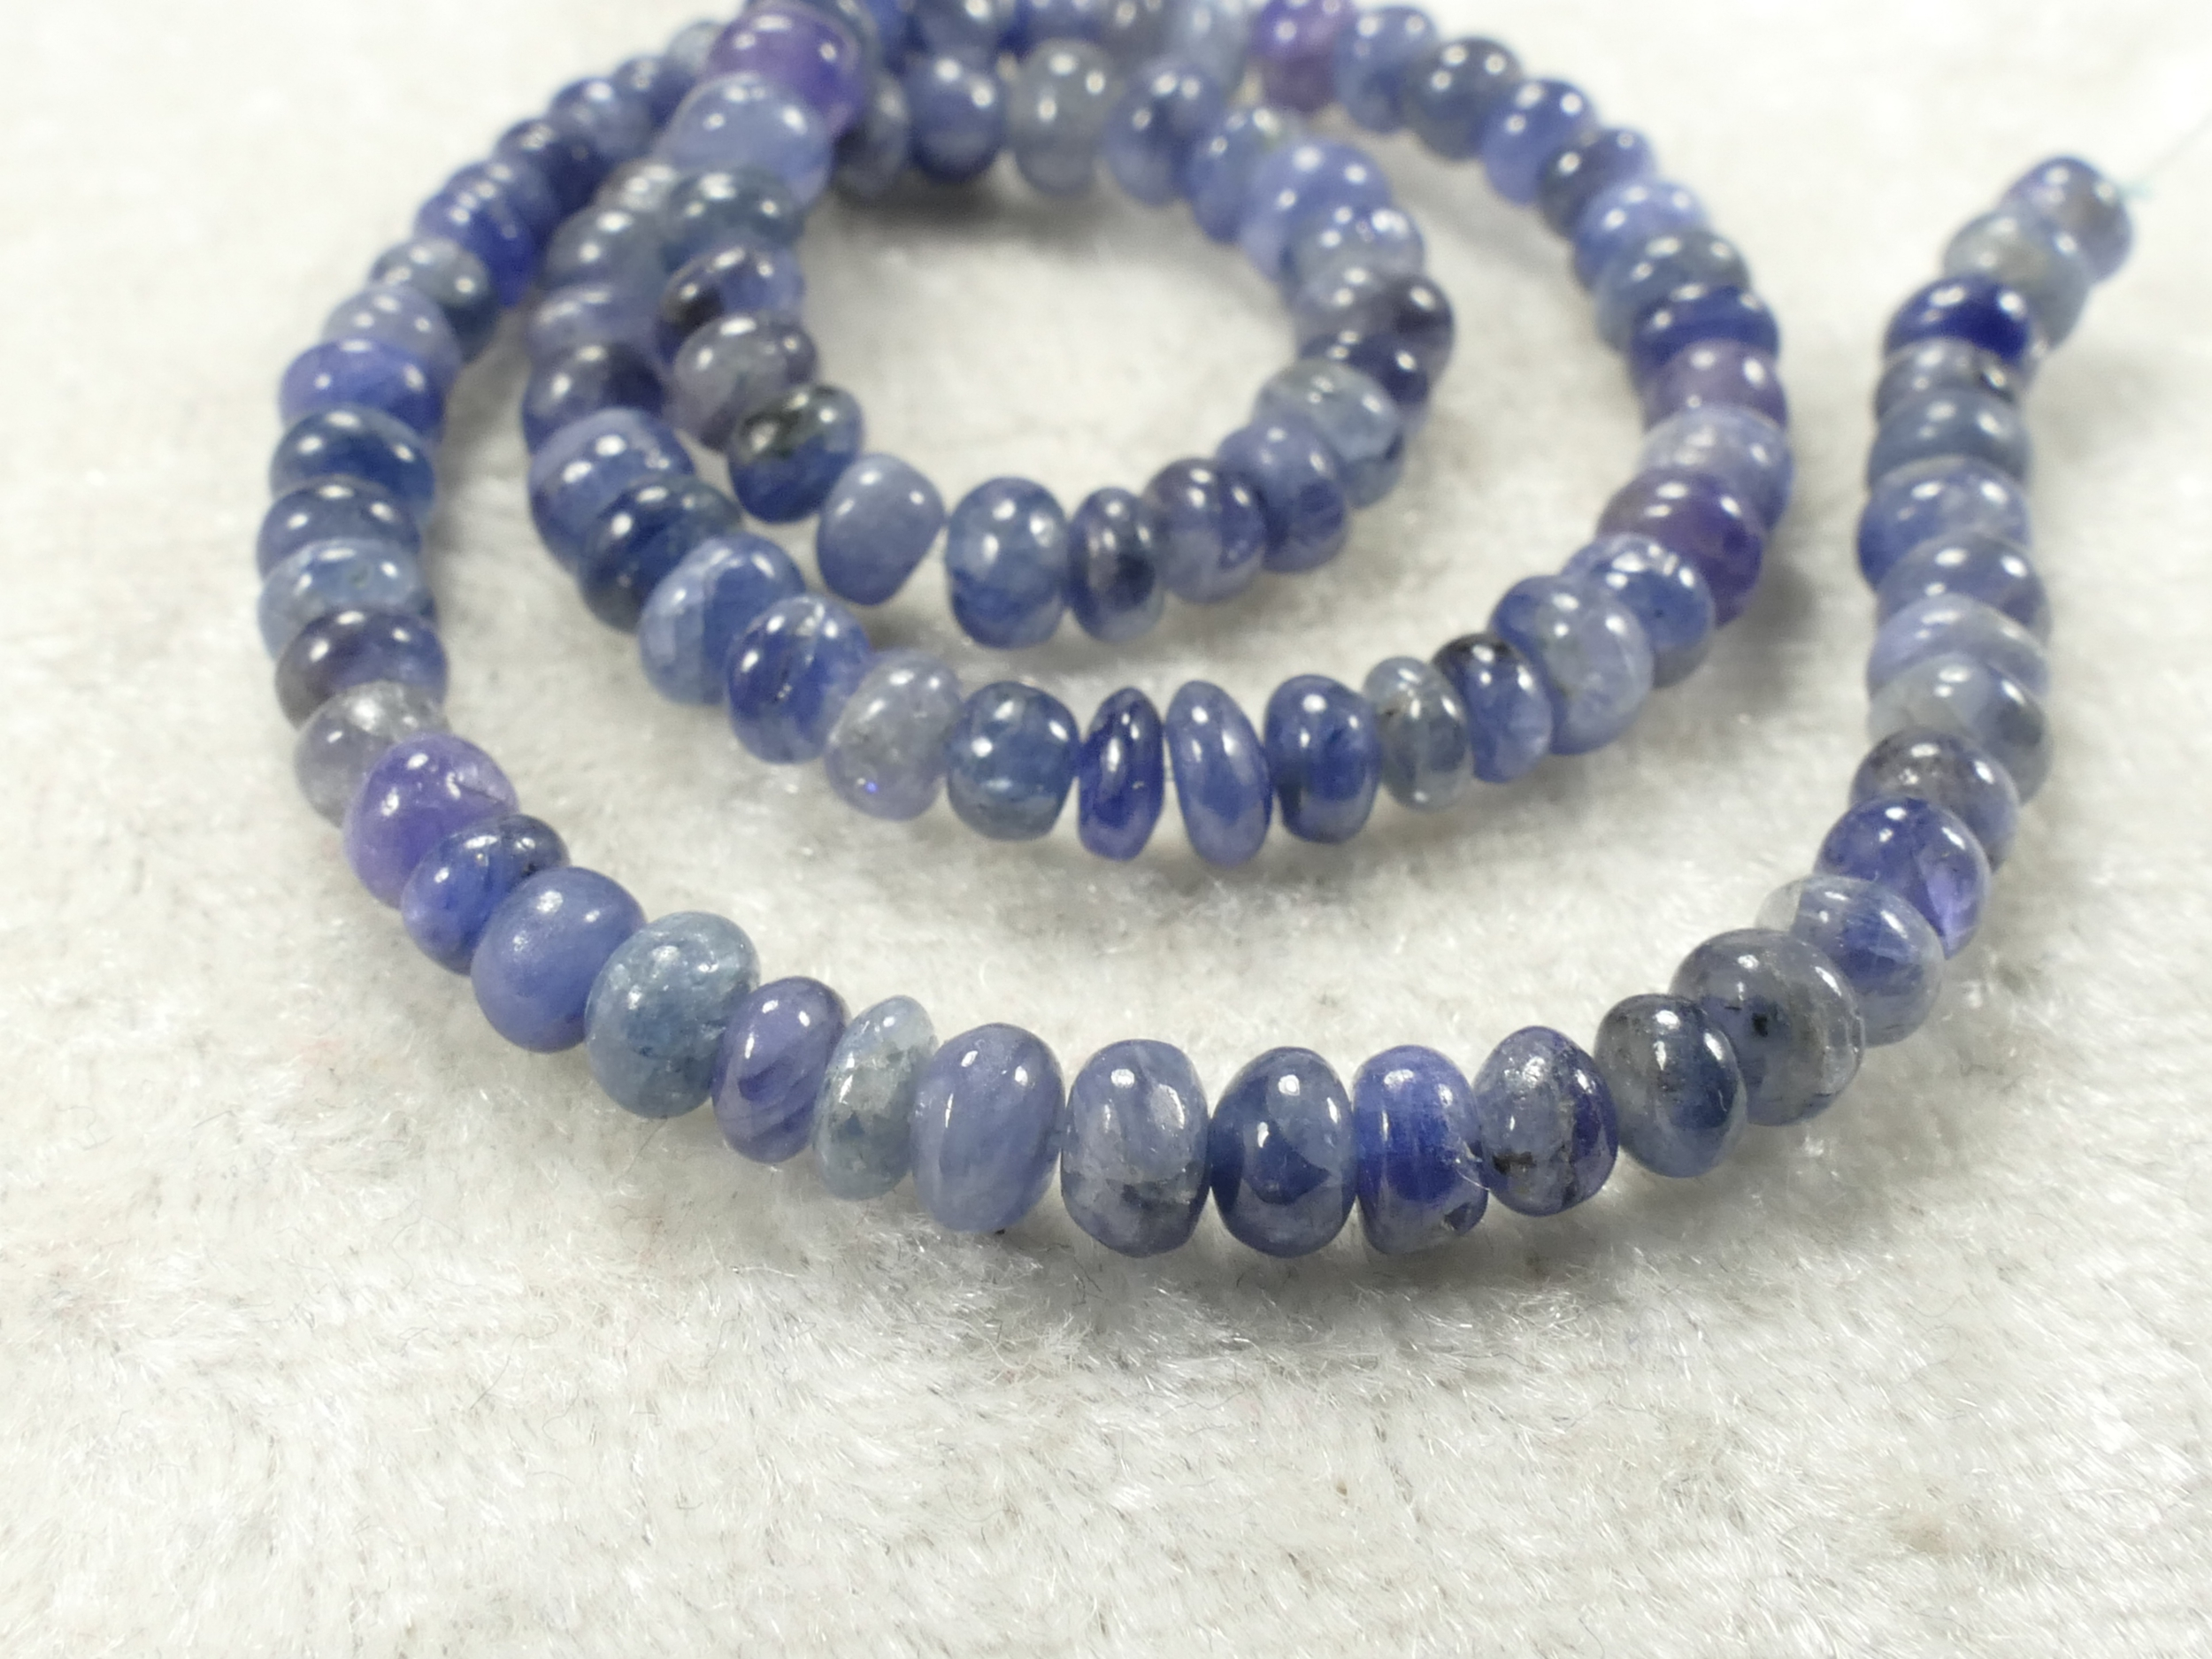 3.4/4.1mm Perles de Saphir bleu naturel en rondelle lisse x5cm (1.96inch) (#AC228B)